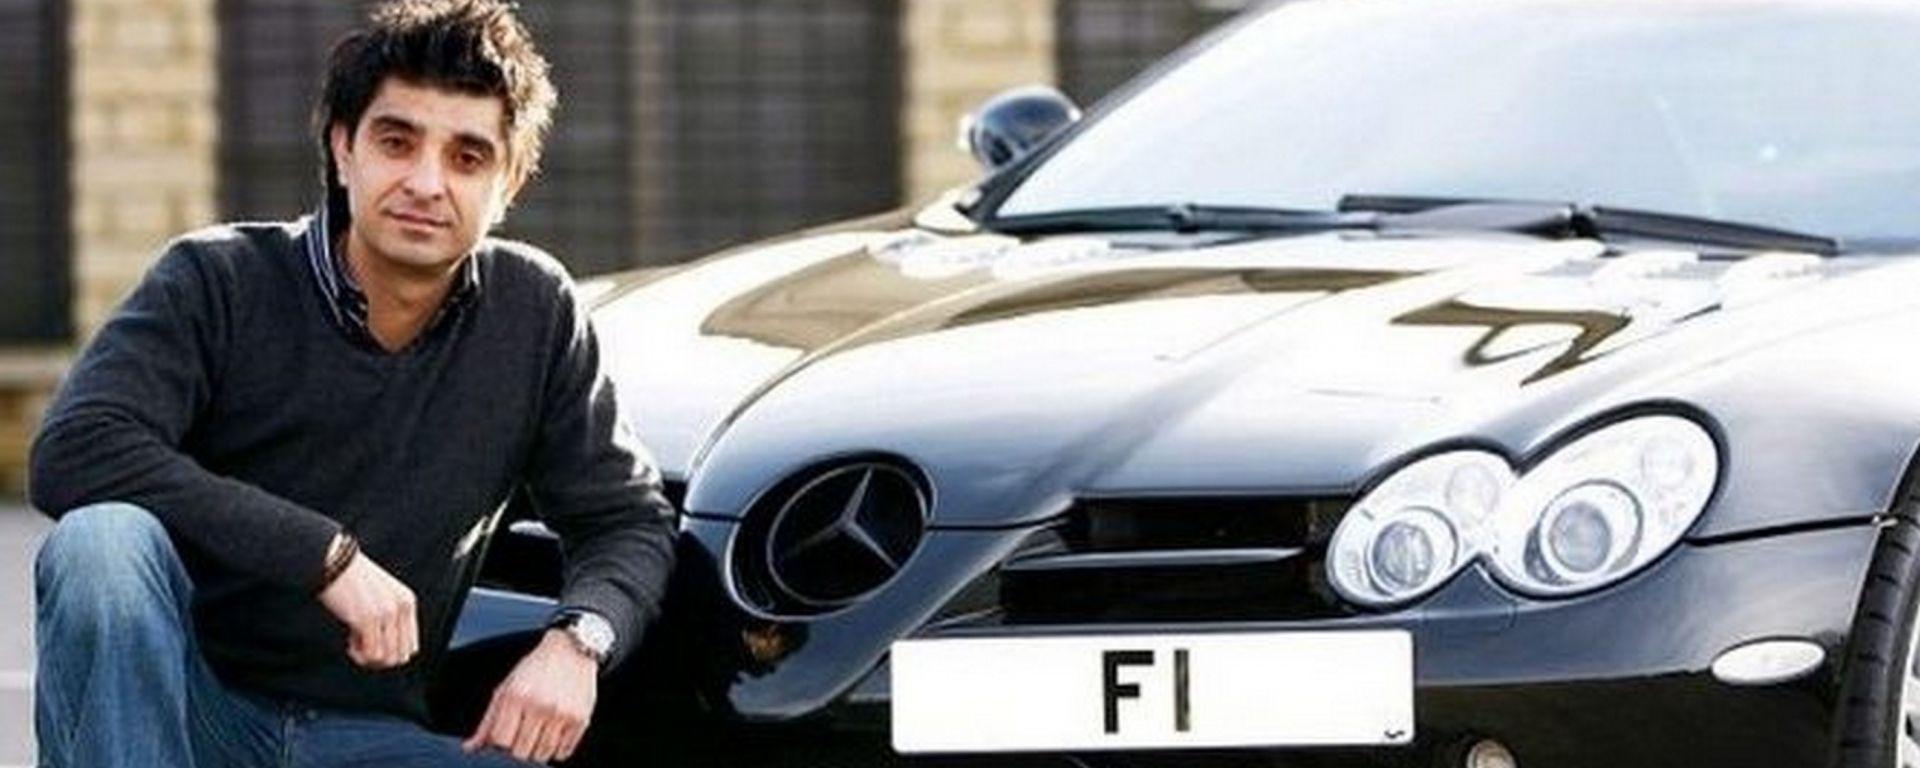 20 milioni di euro per la targa di un'auto